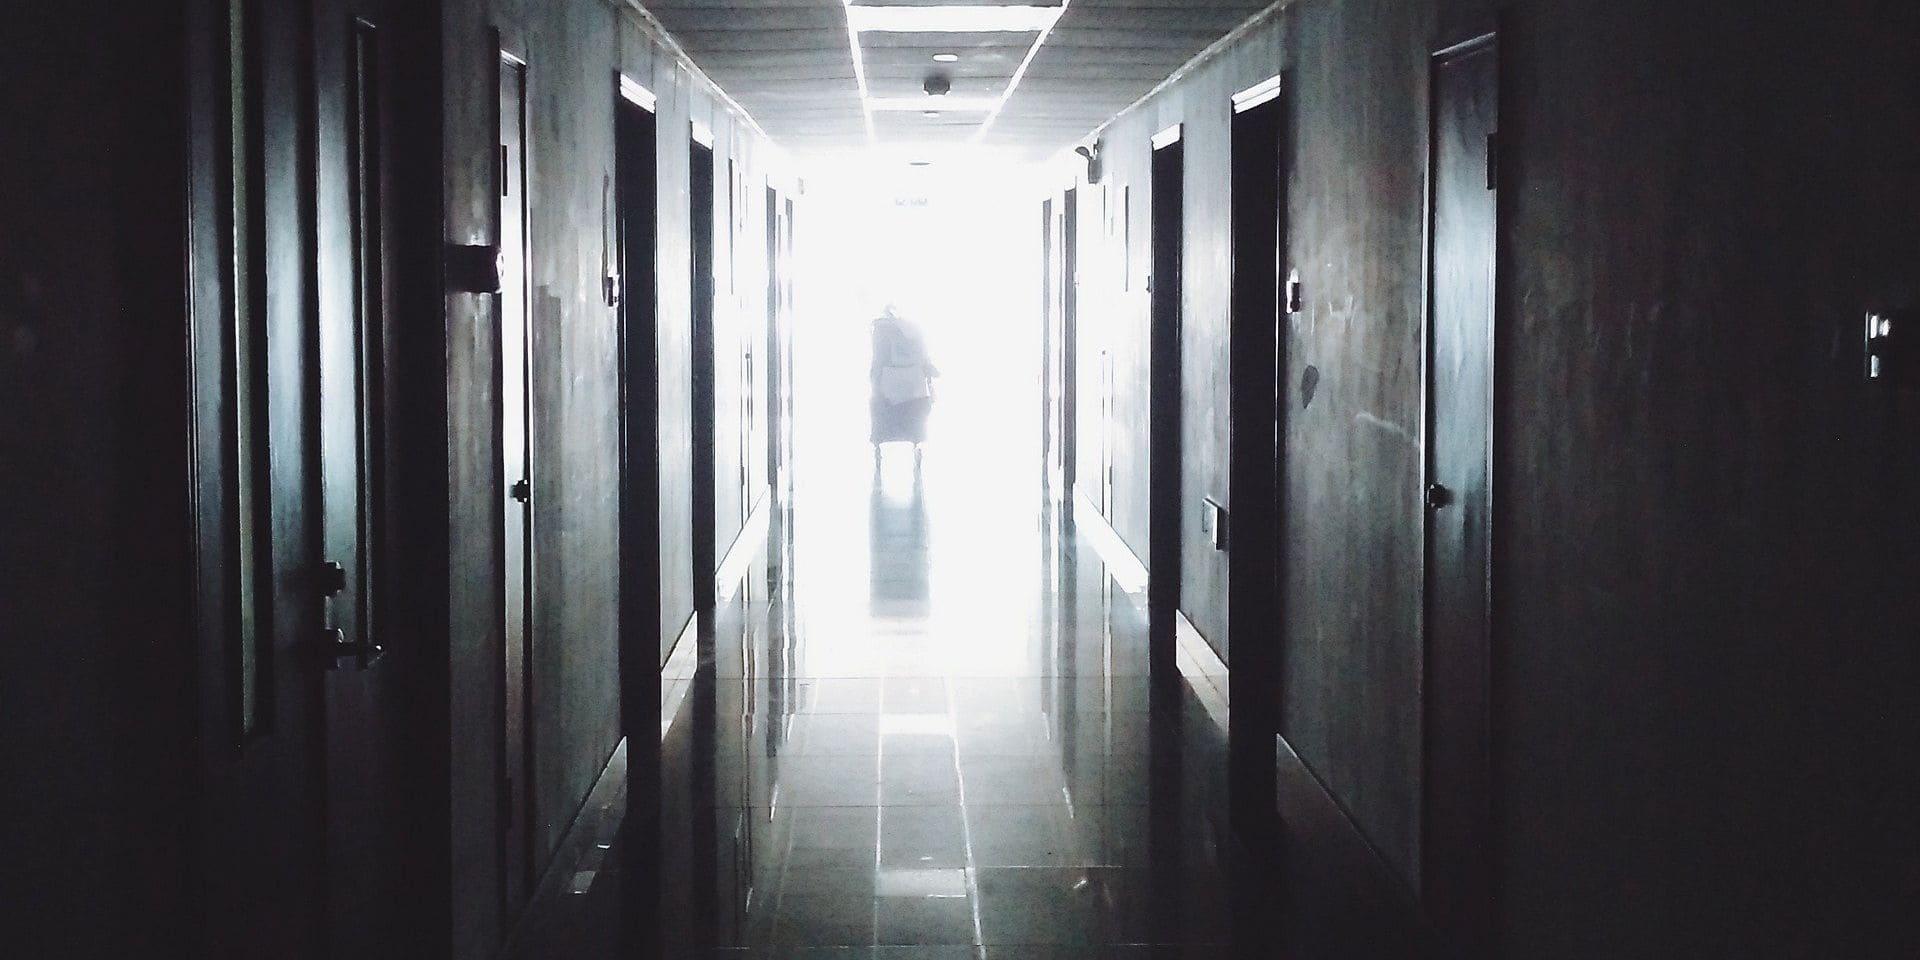 Suppléments d'honoraires, estimation du coût des soins : nos hôpitaux manquent-ils de transparence ?